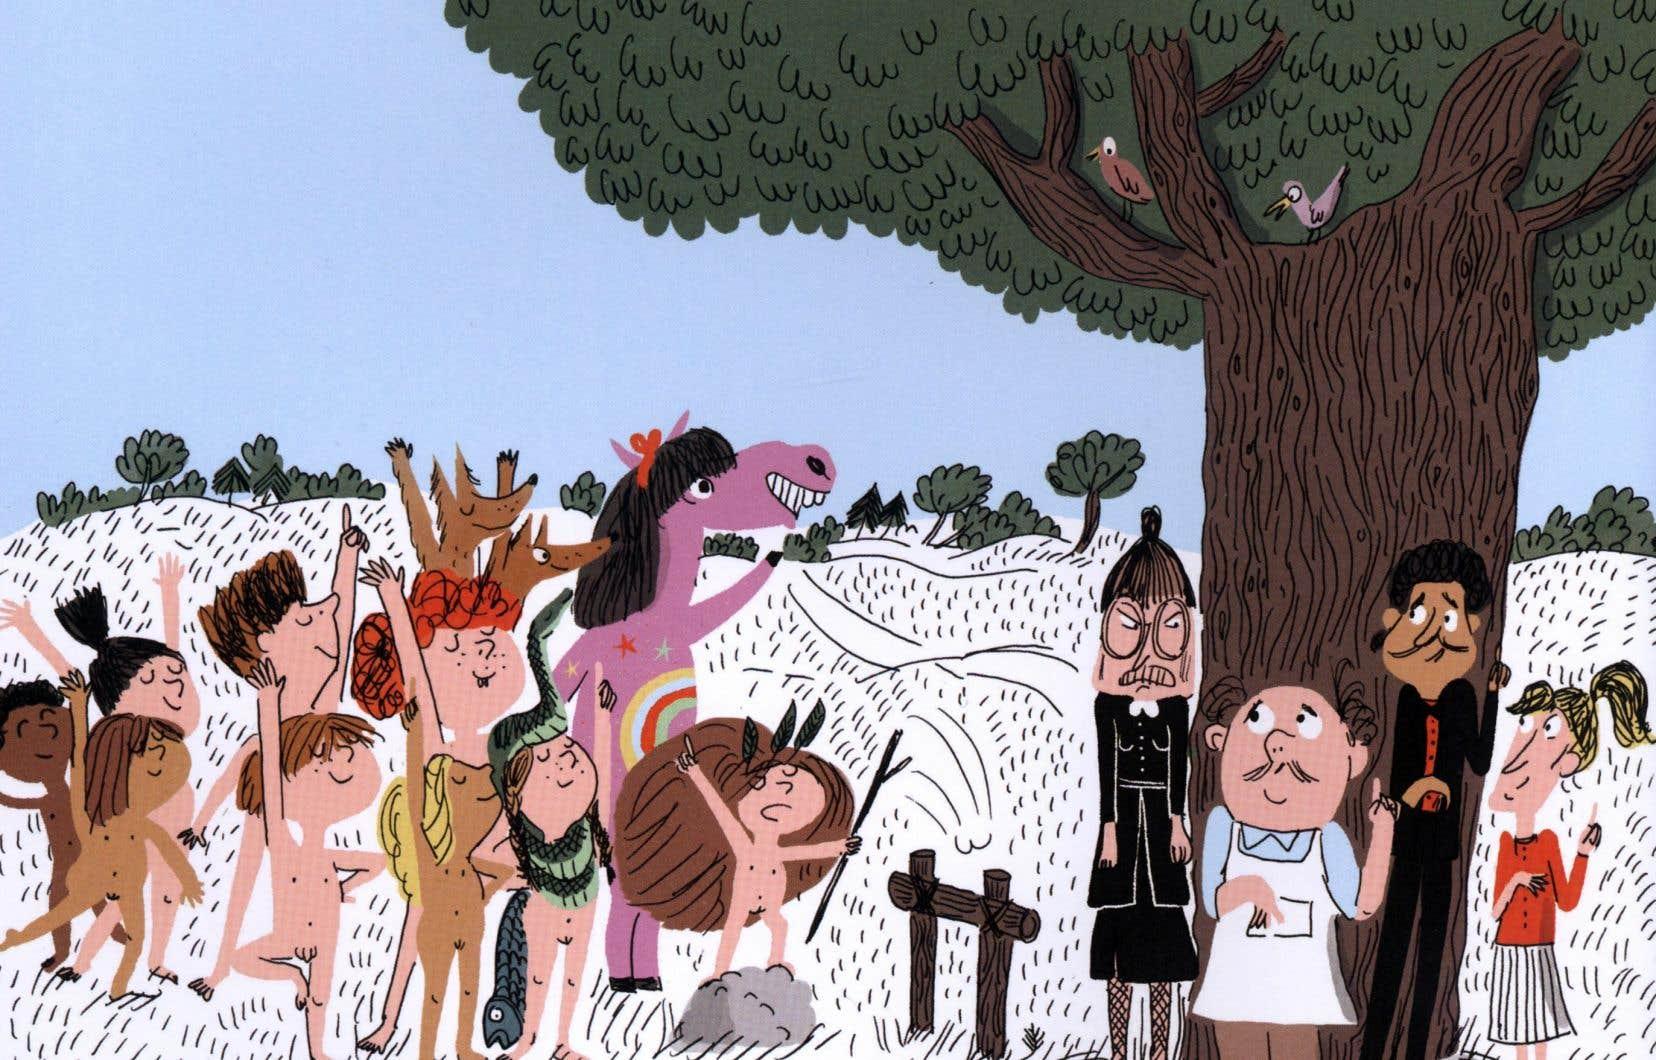 Dans «La tribu qui pue», publié par La courte échelle, un groupe d'enfants un peu effrontés vivent des aventures entièrement nus.